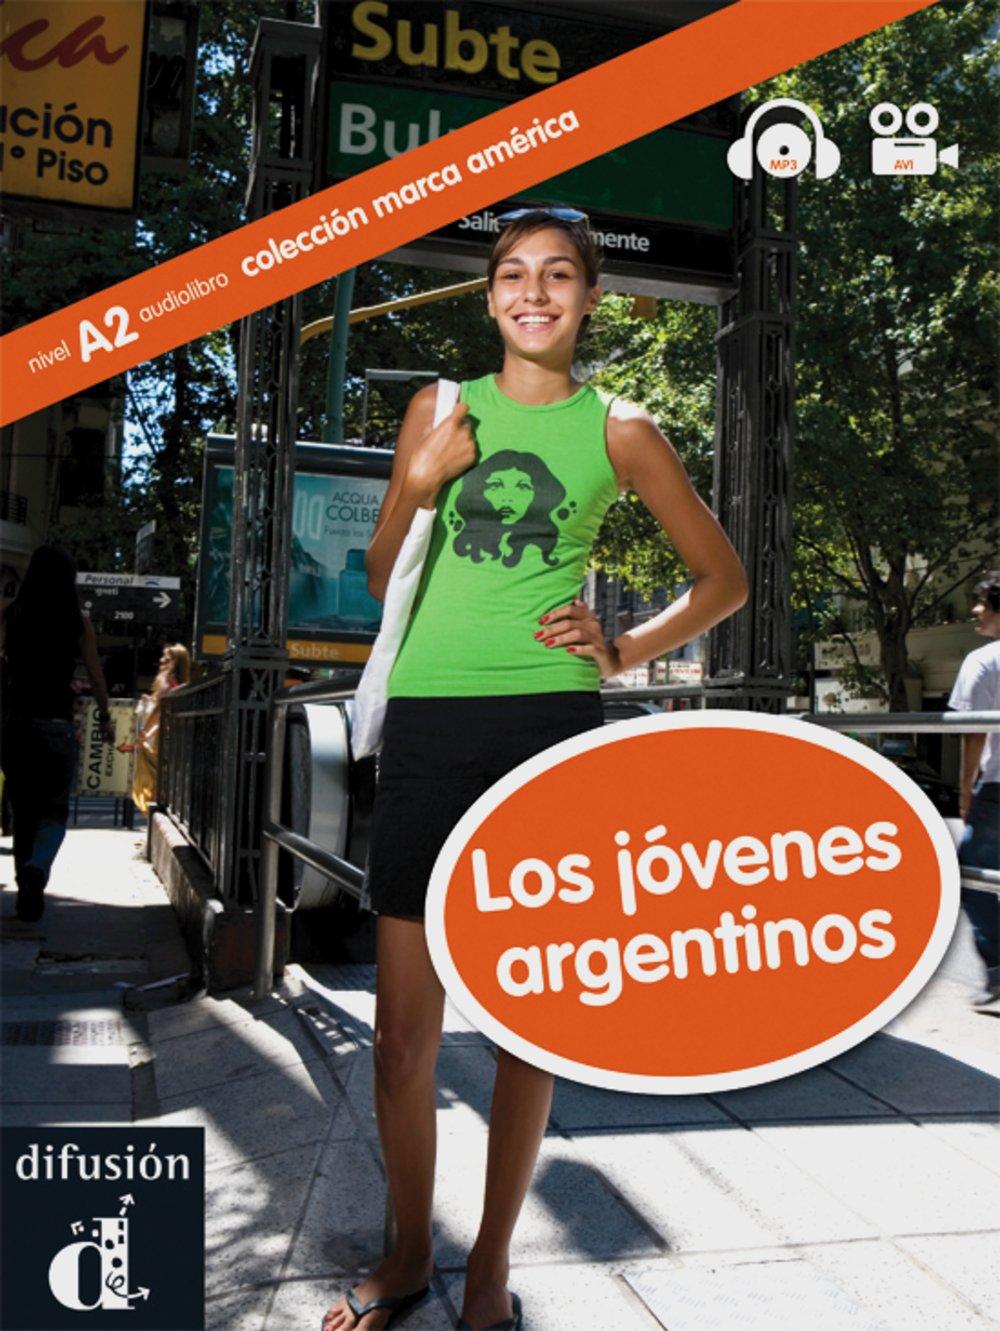 Los jóvenes argentinos: A2/B1. Buch + CD-ROM (Colección Marca América Latina)